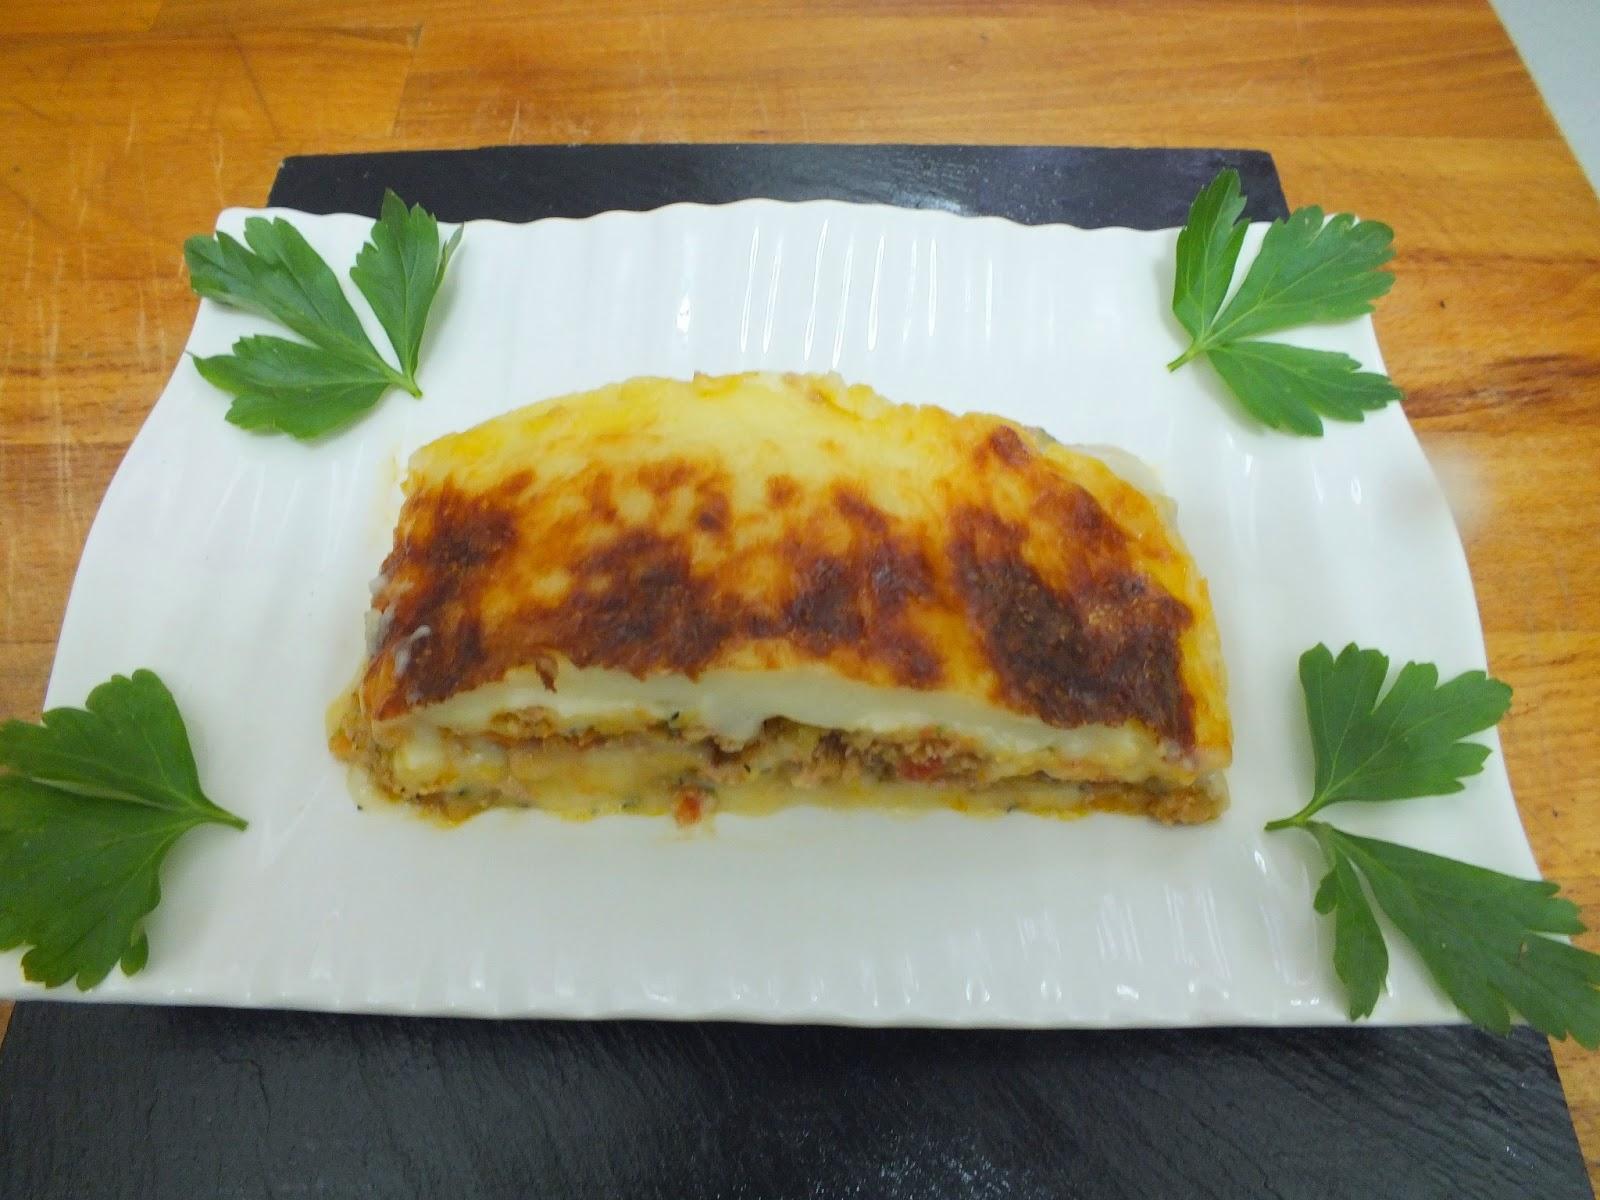 Escuela de cocina pako amor pastel de patatas carne - Escuela de cocina paco amor ...